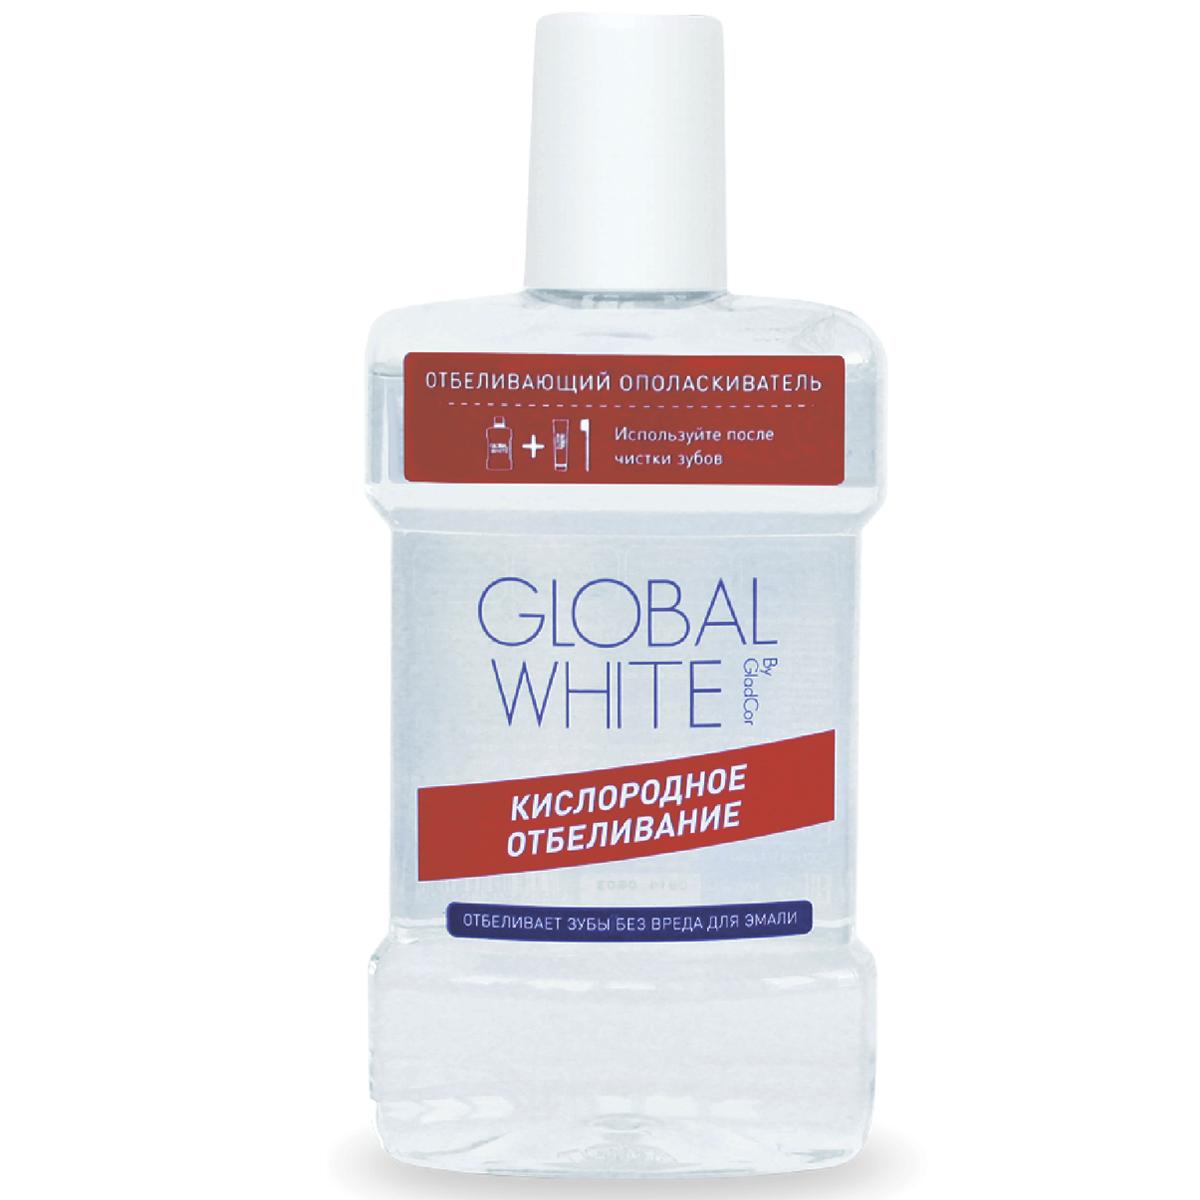 Global White Отбеливающий ополаскиватель для полости рта с перборатом, 300 мл